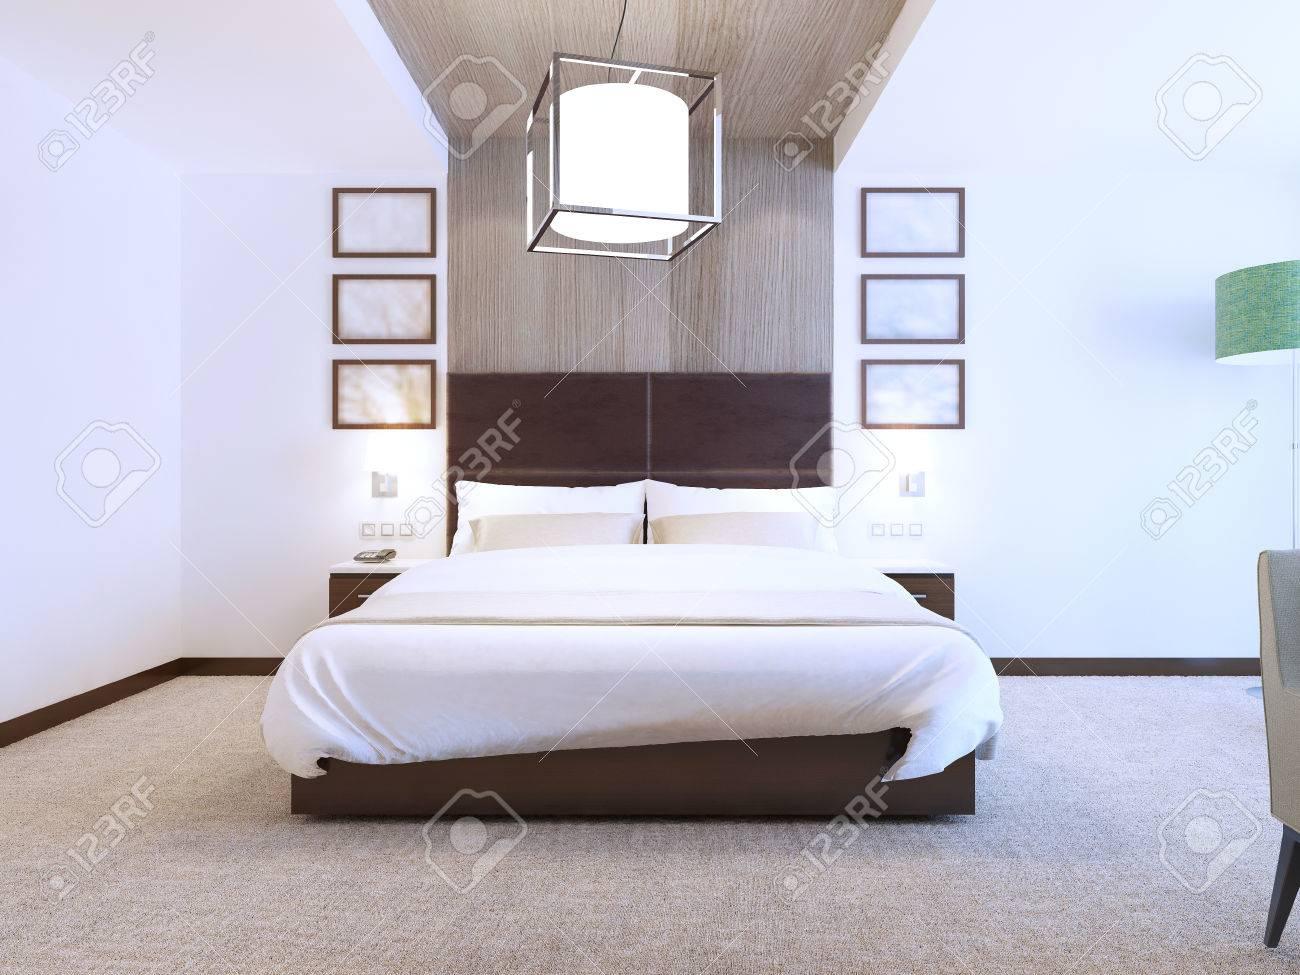 camera da letto moderna con decorazioni in legno alle pareti ... - Decori Camera Da Letto